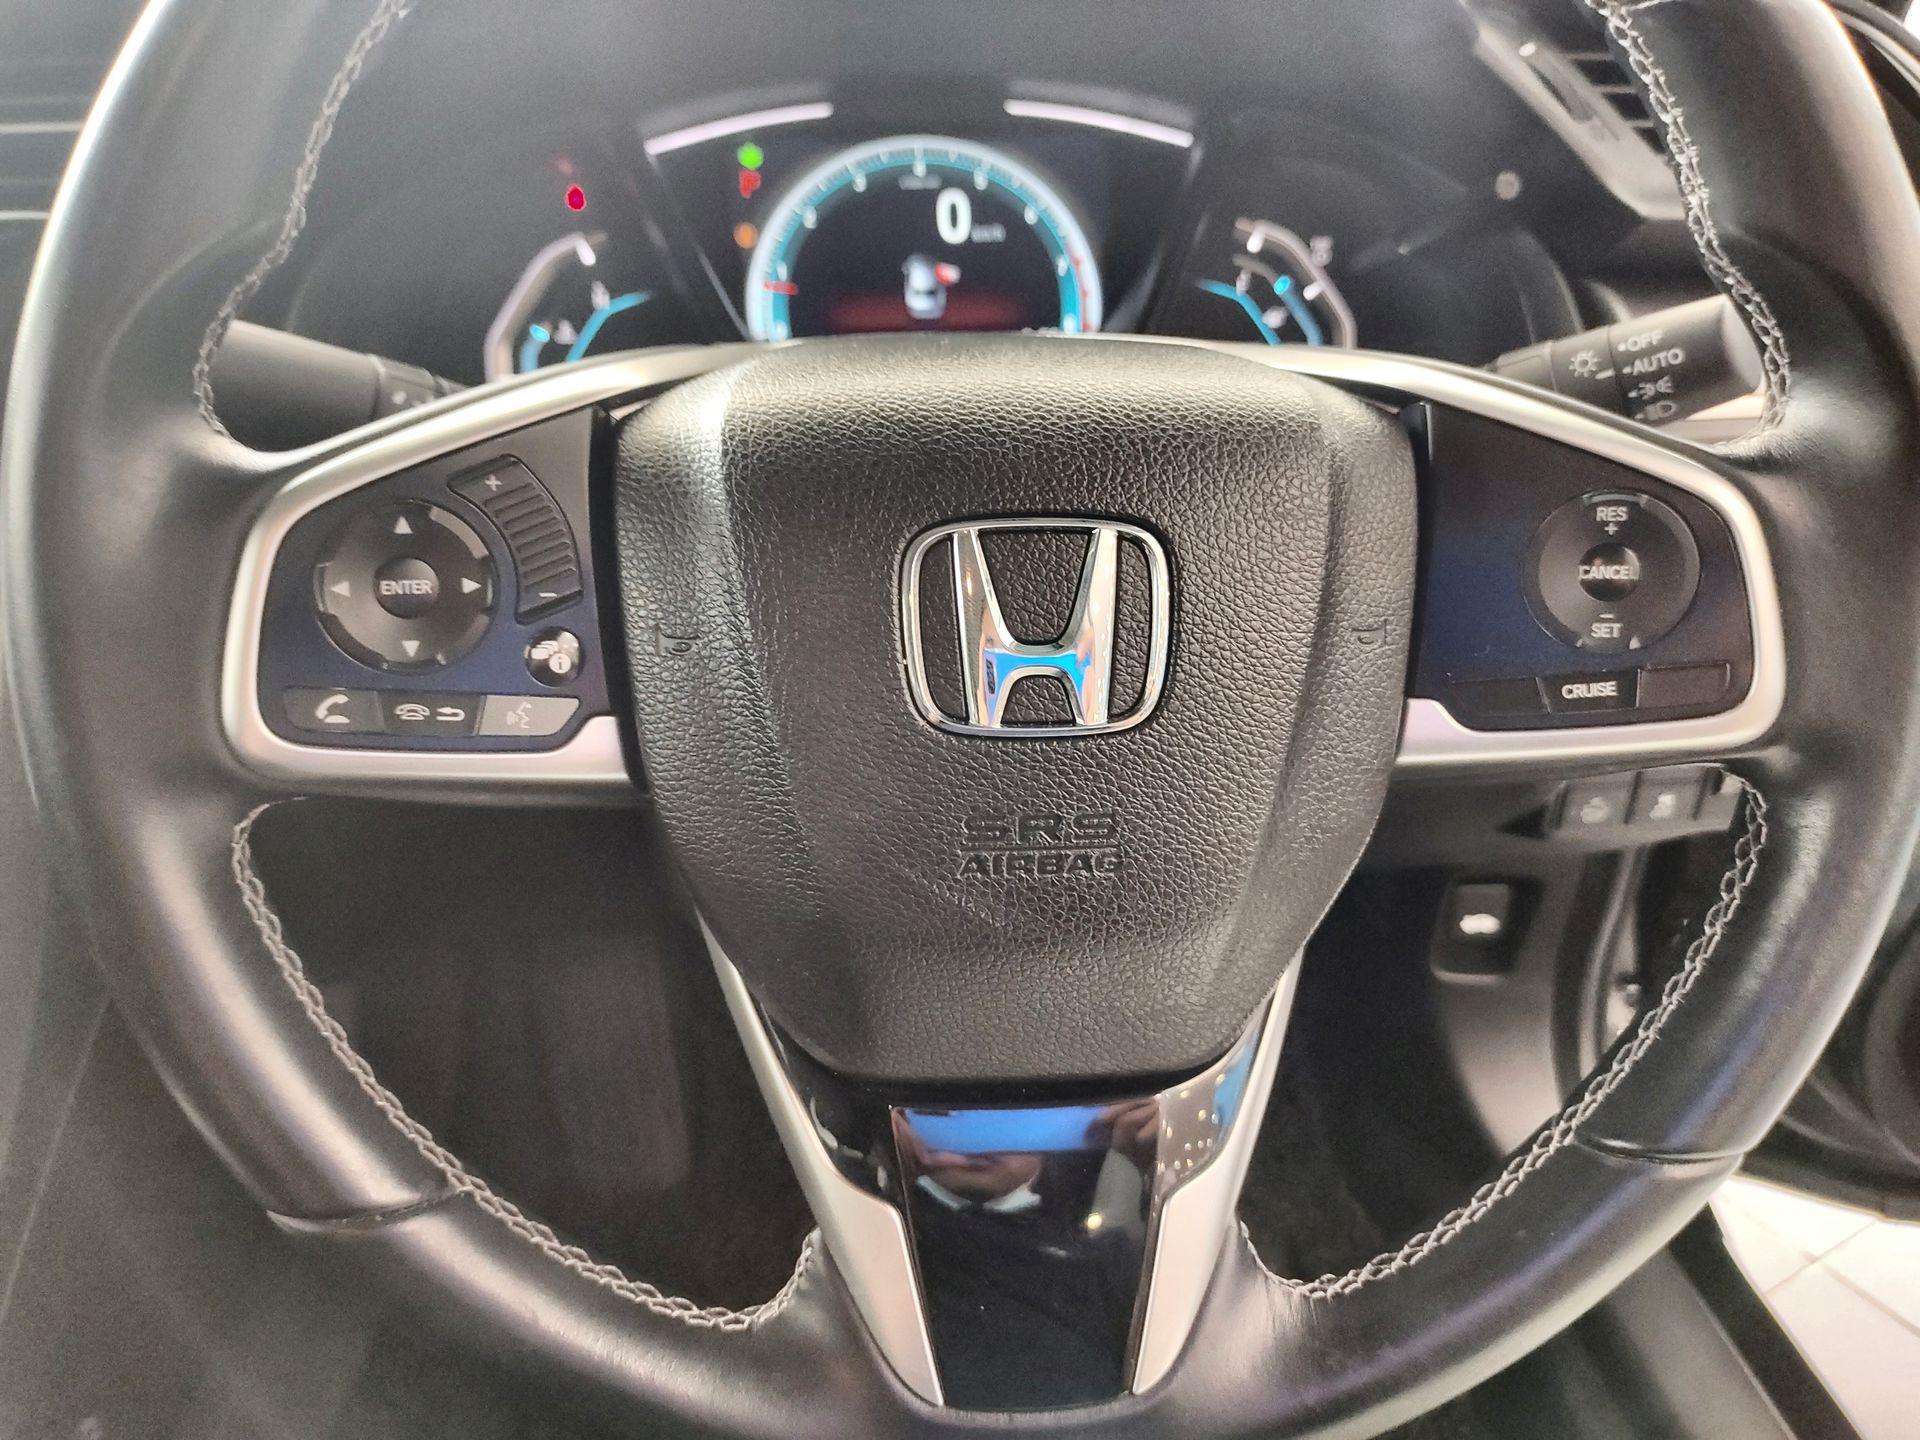 2018 Honda Civic 1.8L I-Vtec (A)